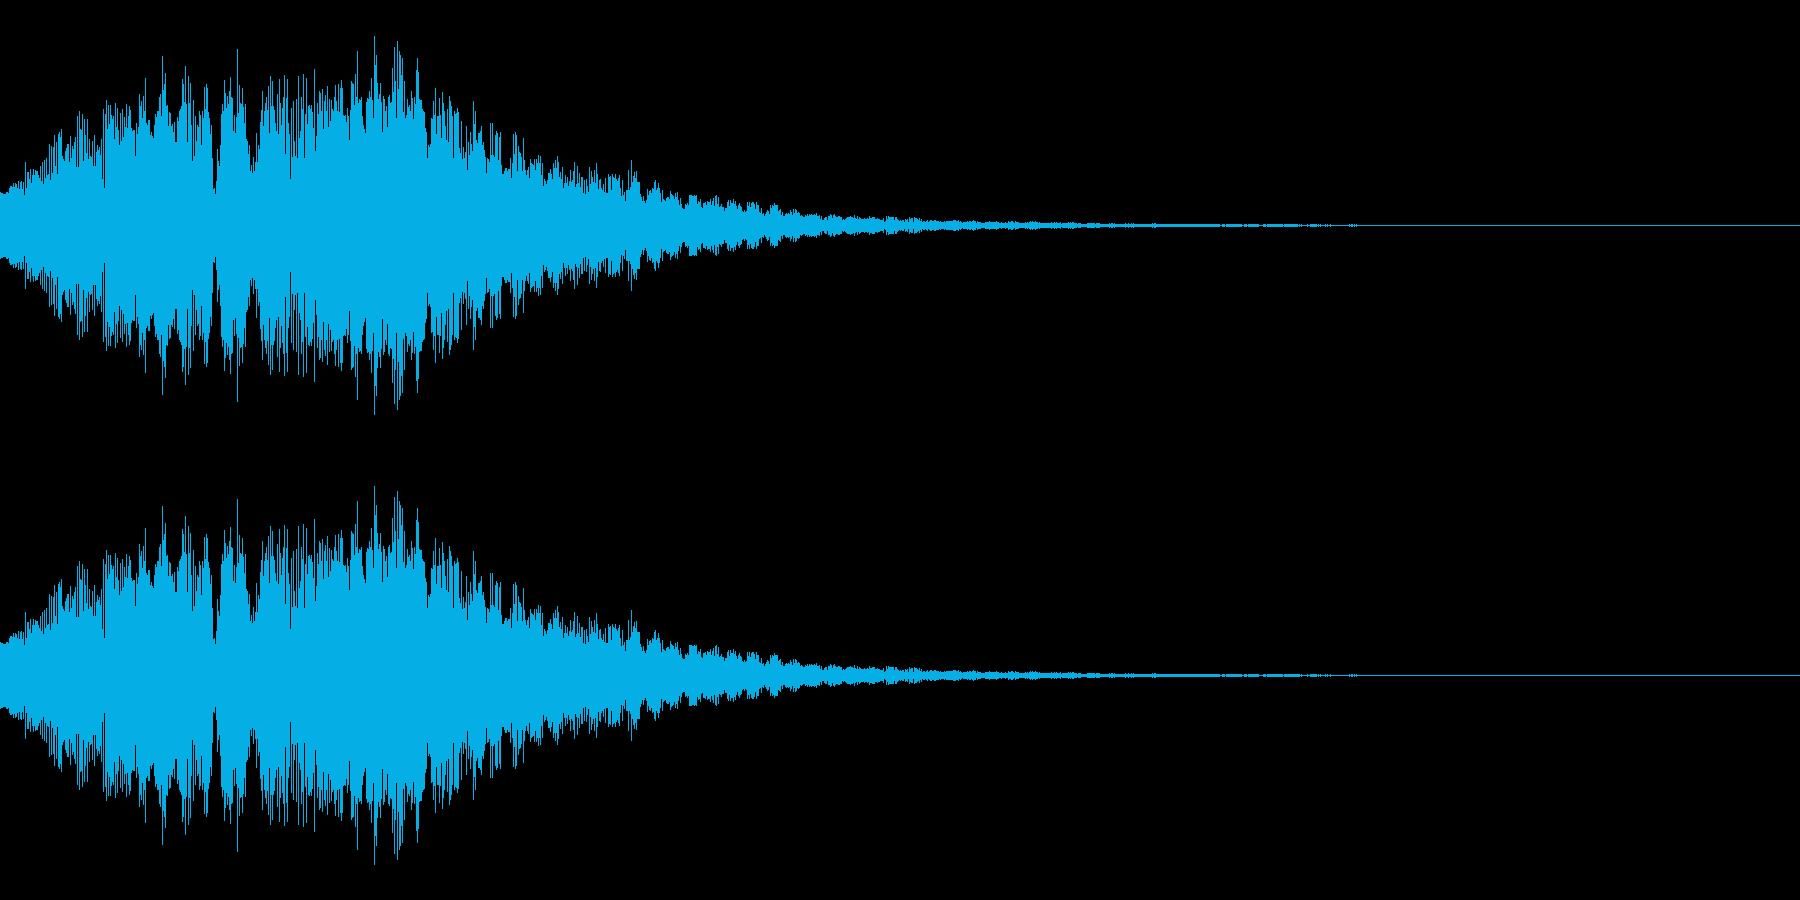 ベルを使ったアラーム音の再生済みの波形